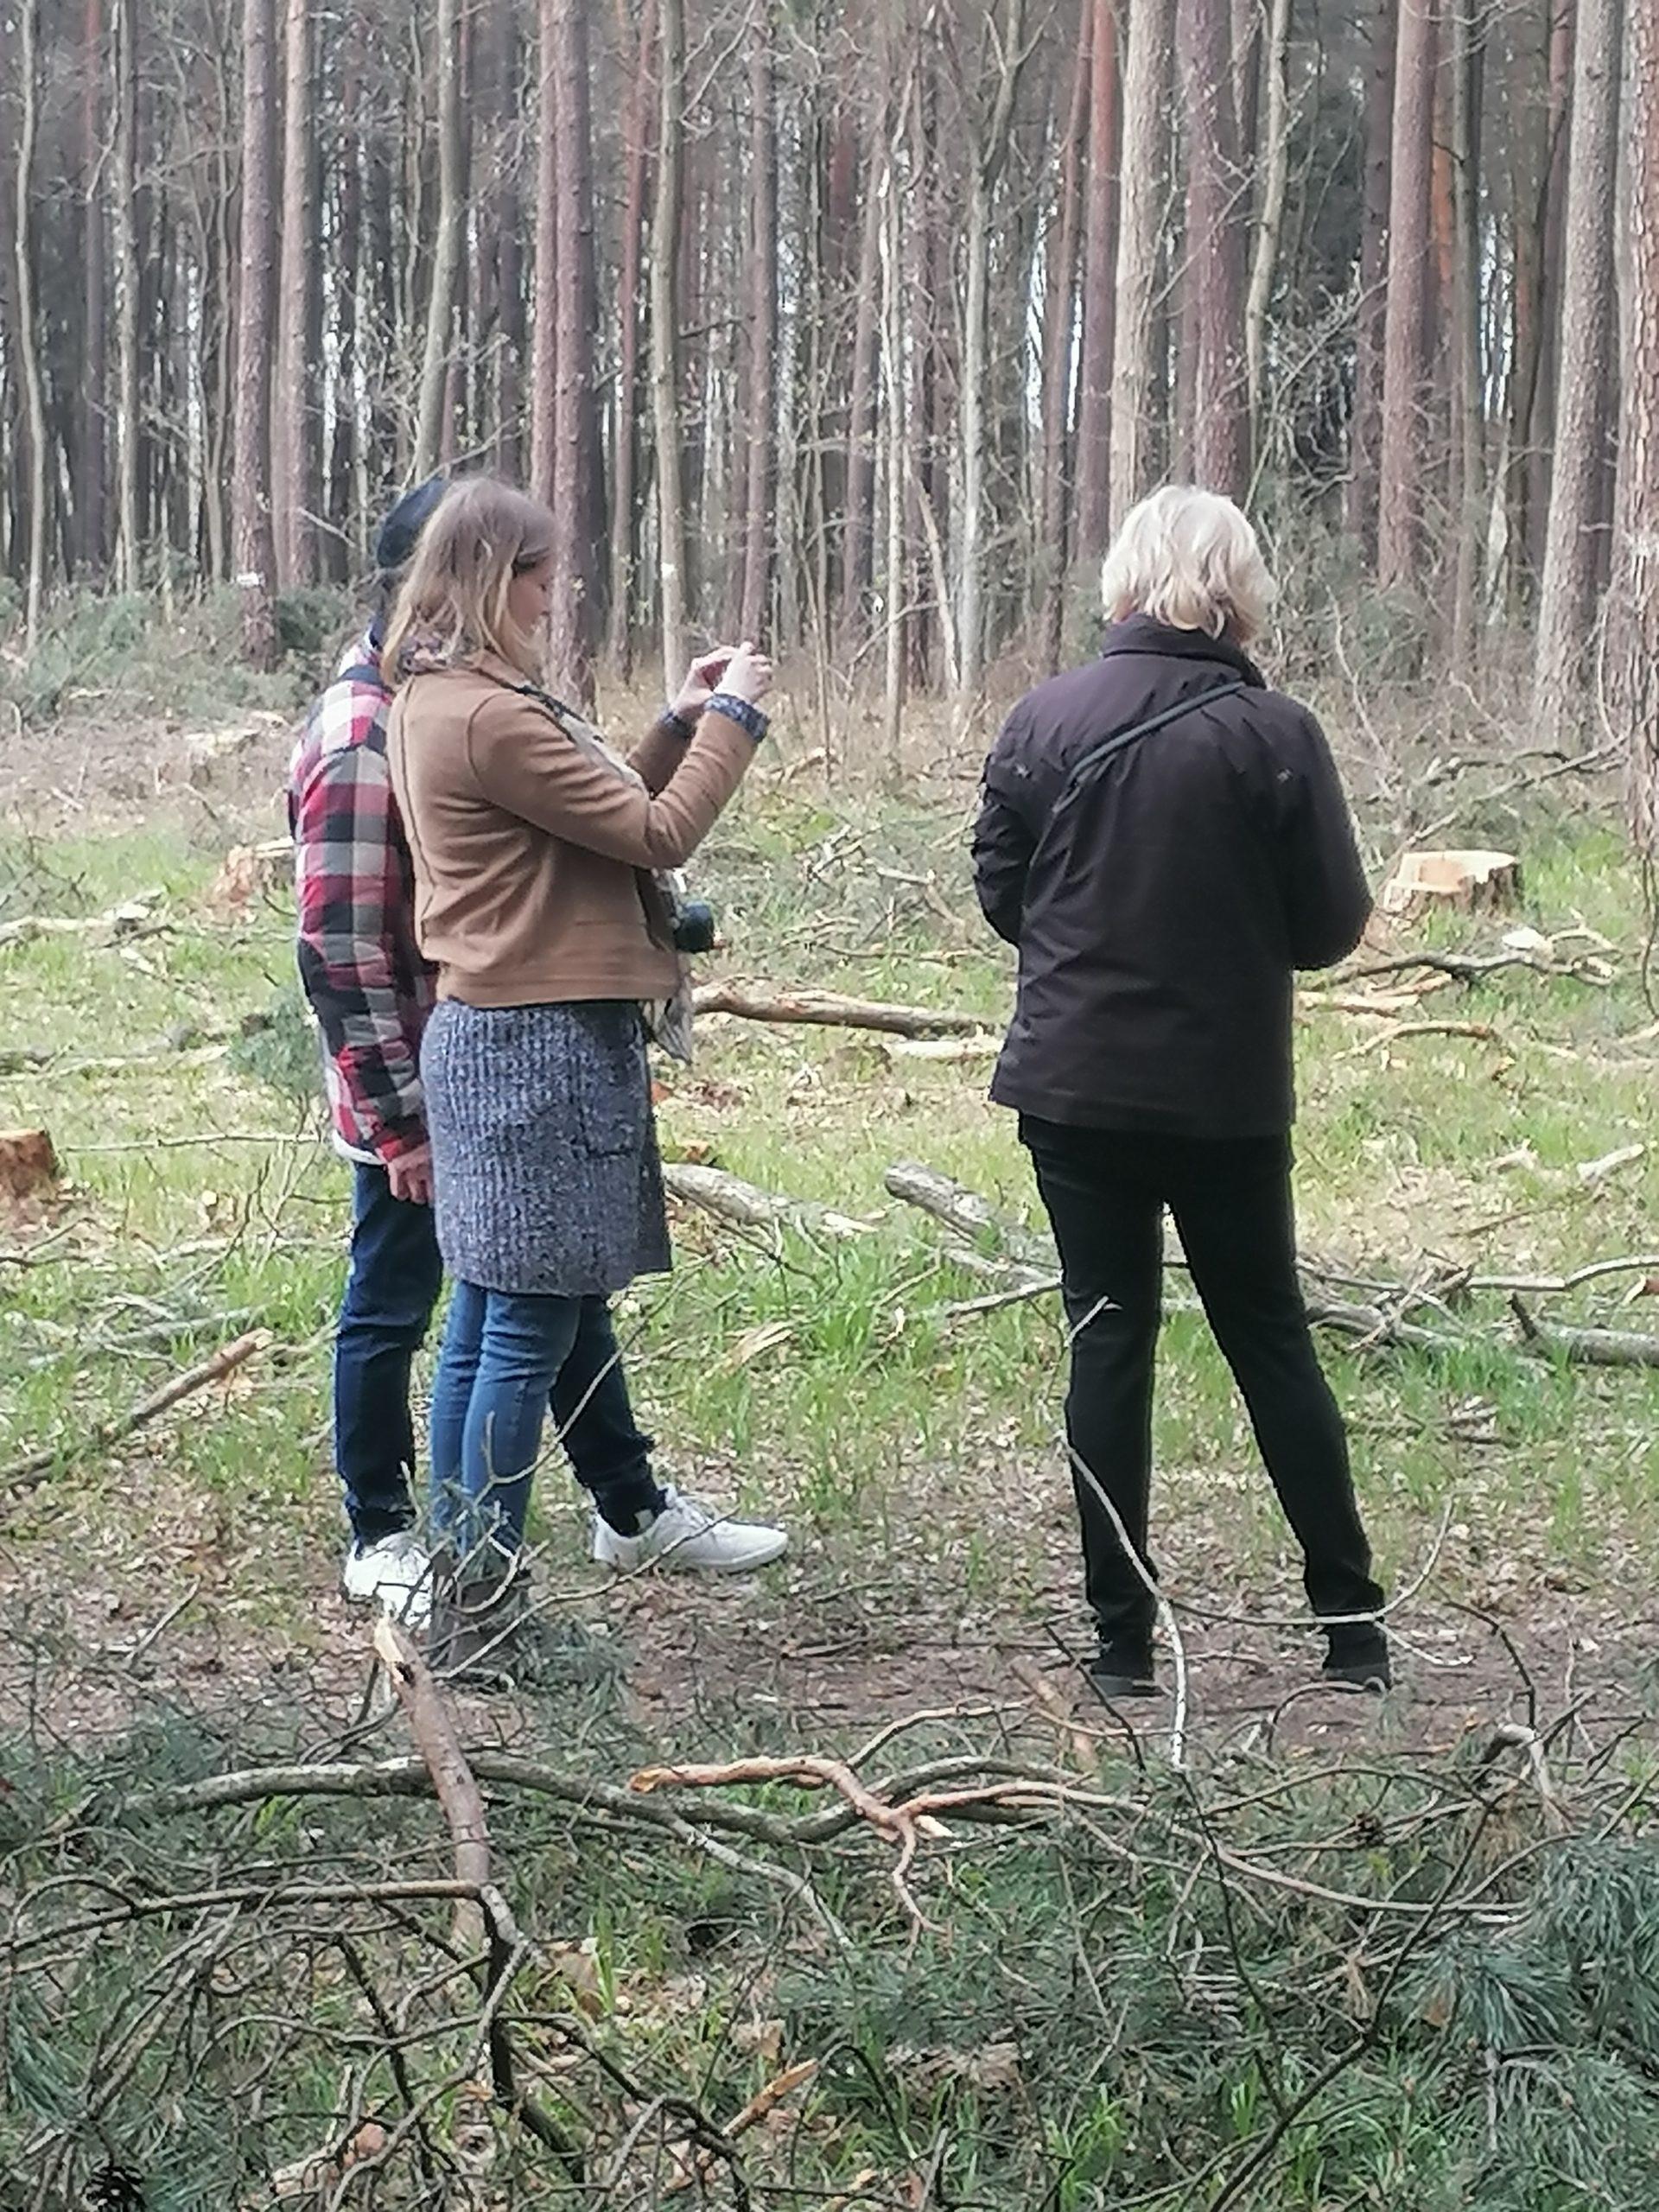 Plenerowe warsztaty fotograficzne Klub Seniora Platyna - zdjęcie pokazuje las i uczestników fotografujących na leśnej polanie. Nad procesem czuwa instruktorka.